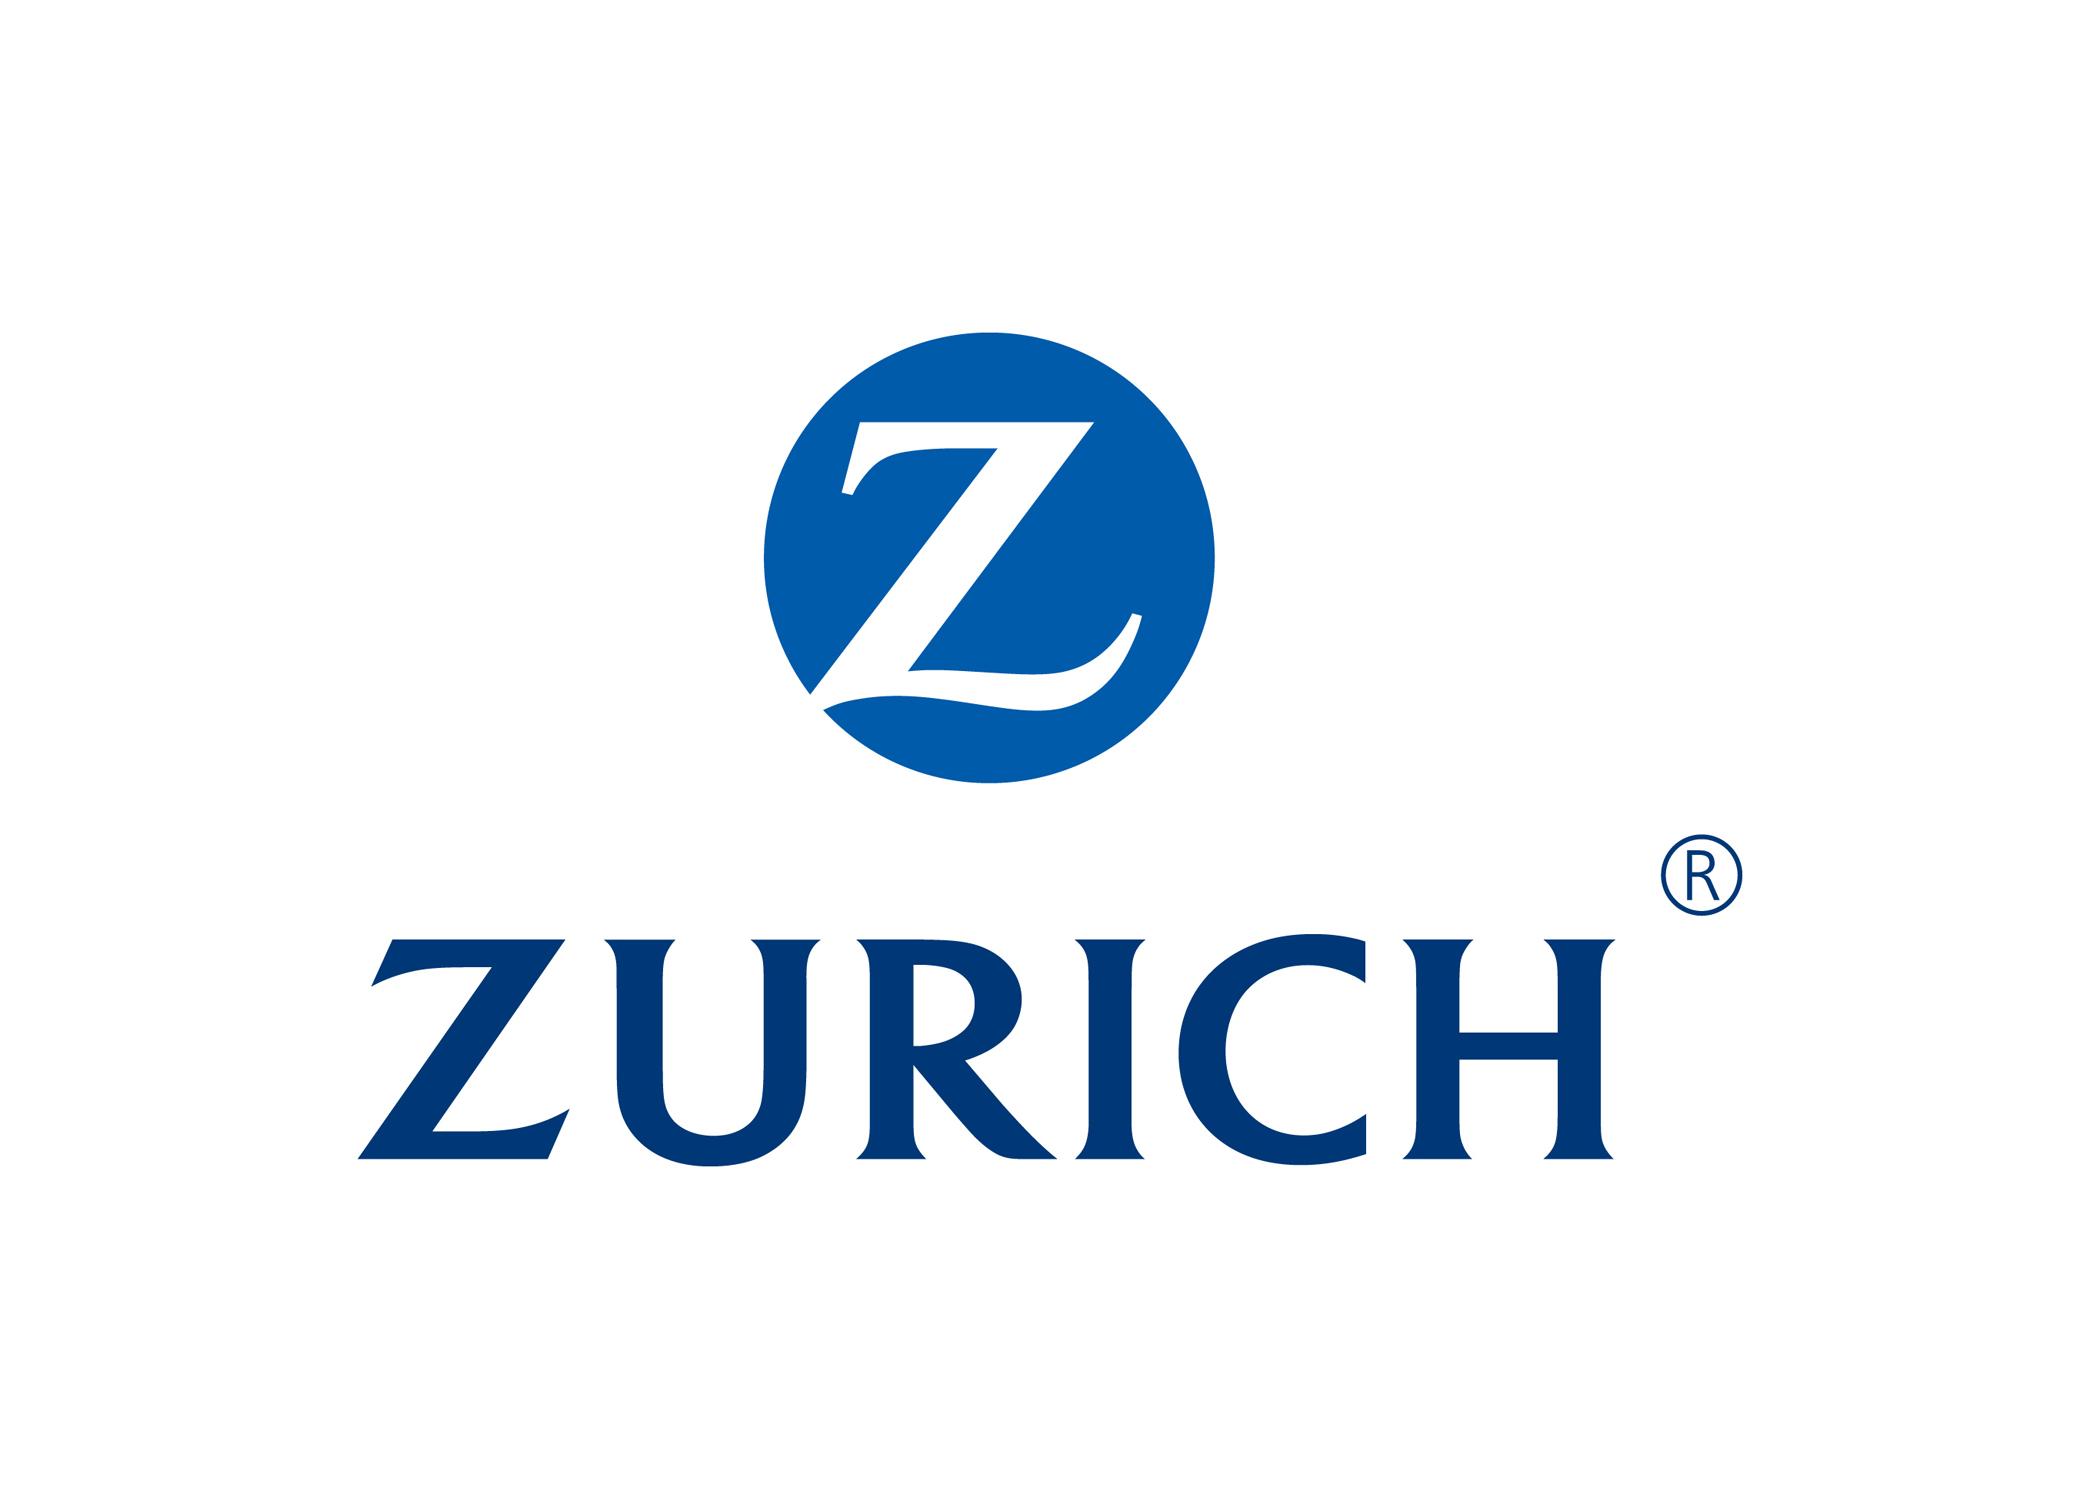 Zurich-Centered